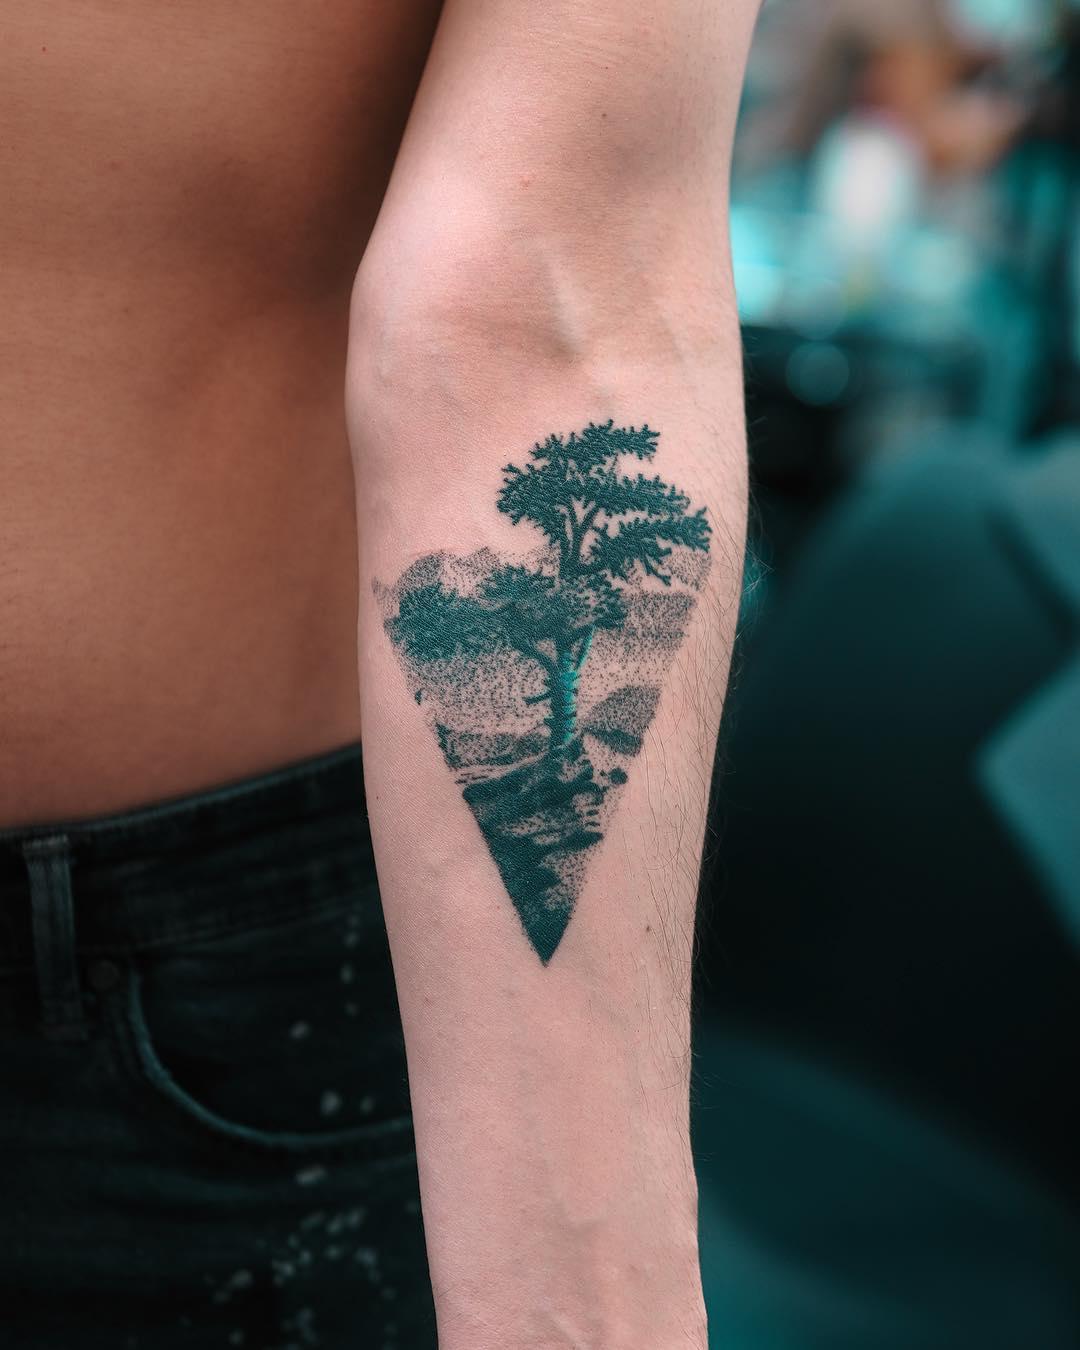 Tree by Evgeny Mel